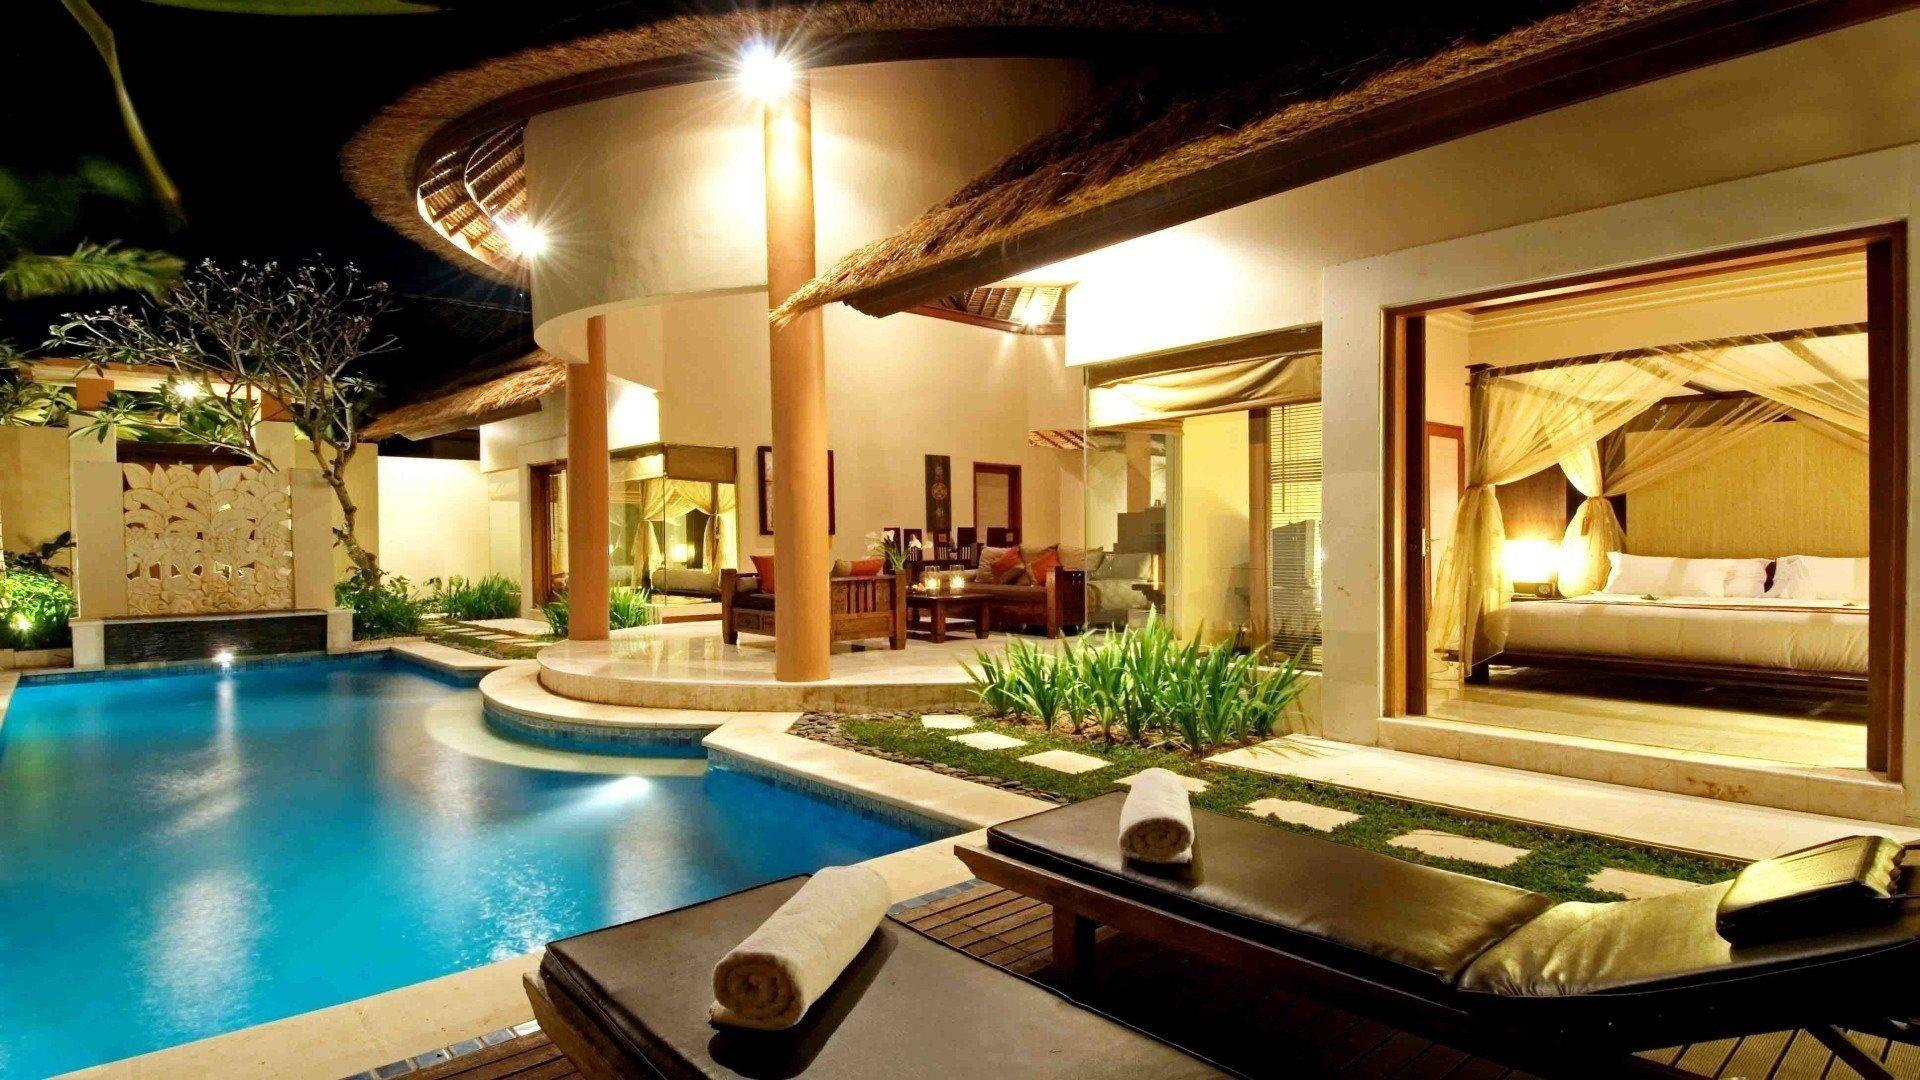 Luxury Wallpapers Hd | My Future Mansion | Pinterest | Luxury villa ...